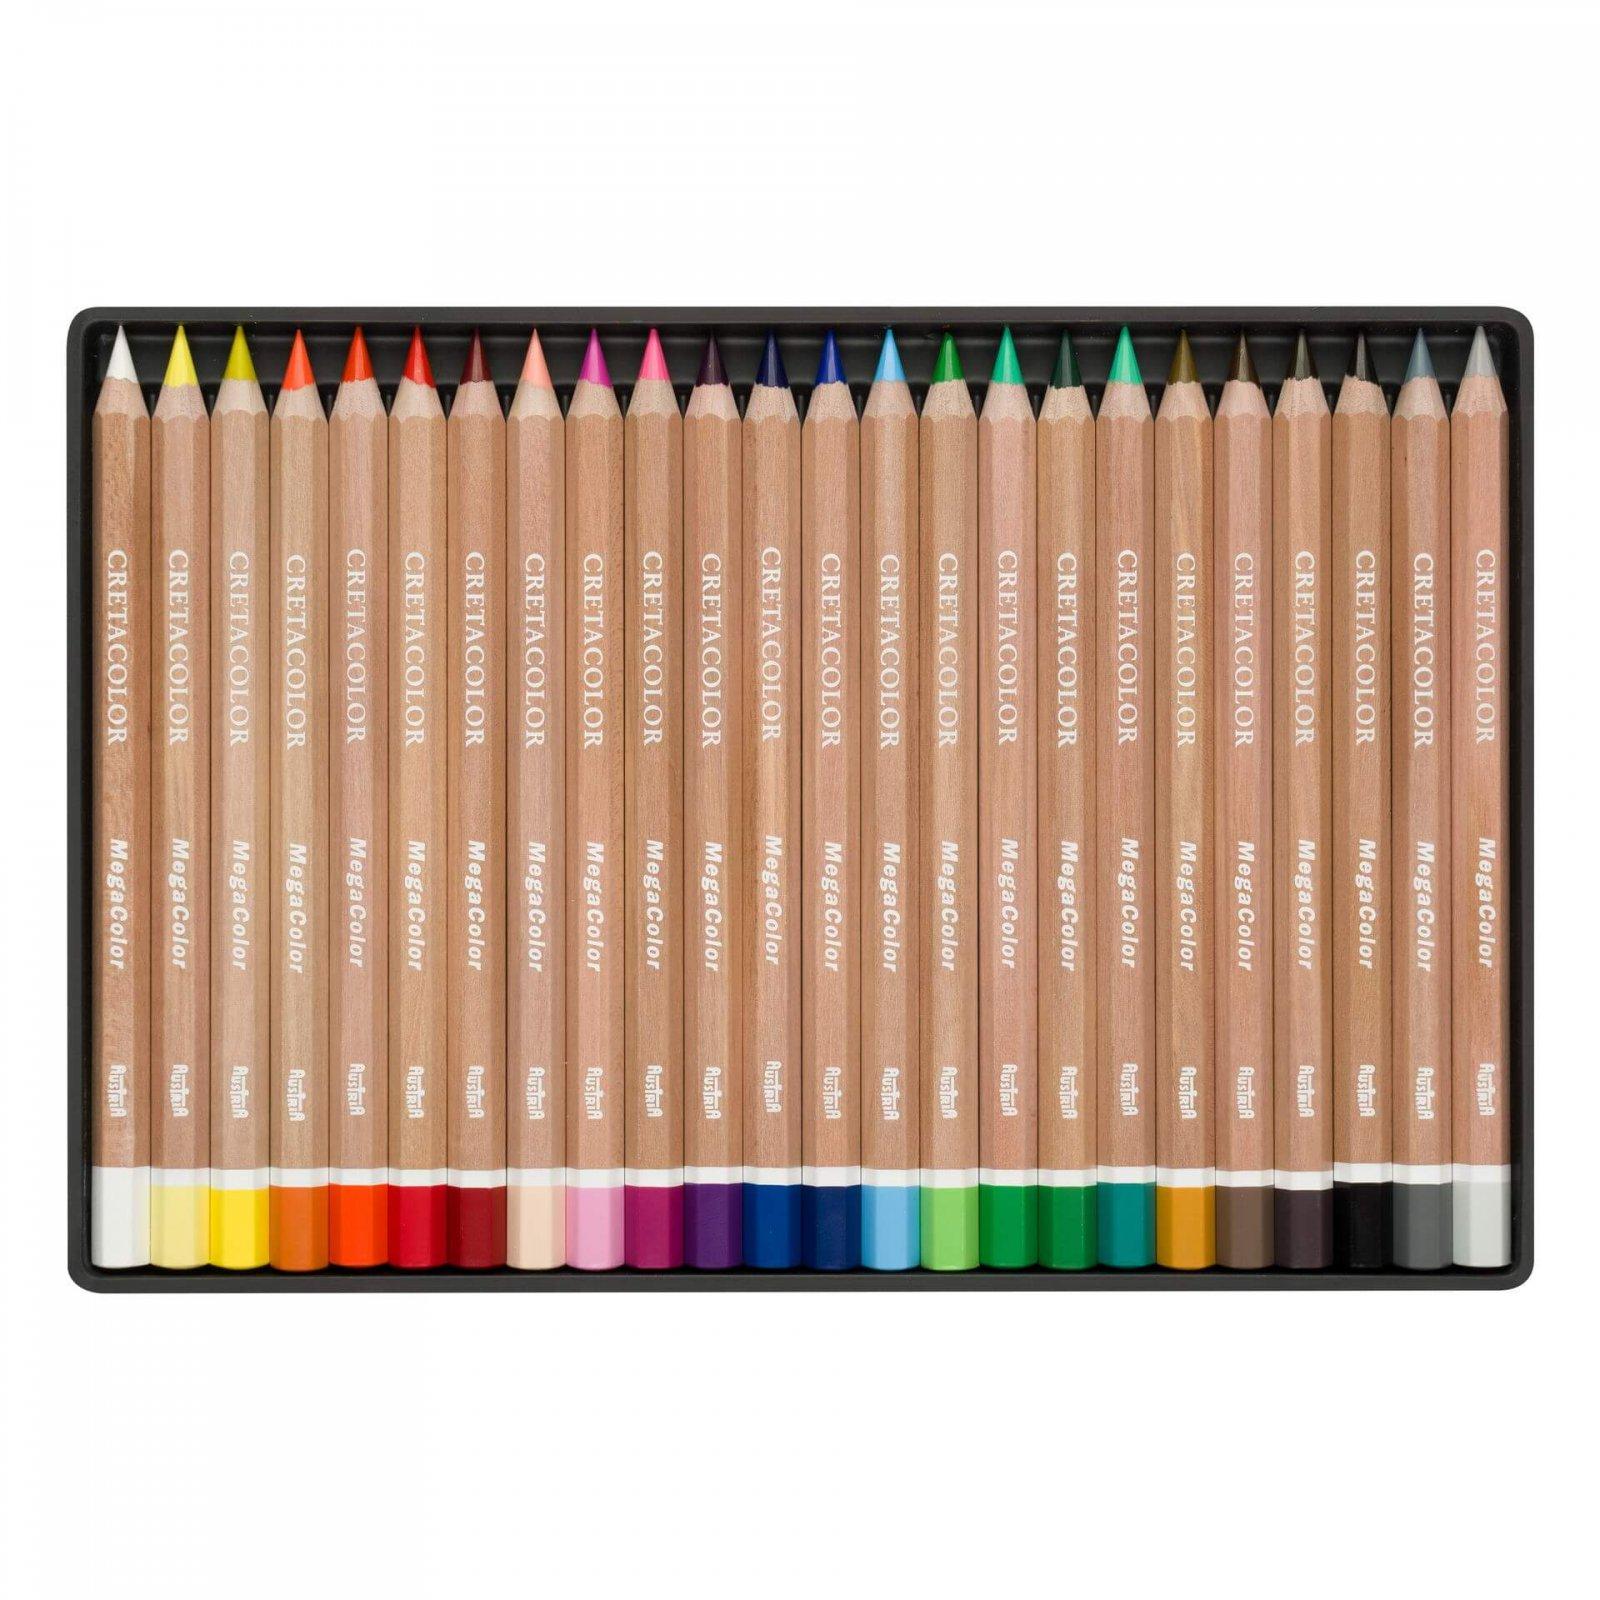 Cretacolor MegaColor Pencil Tin Sets